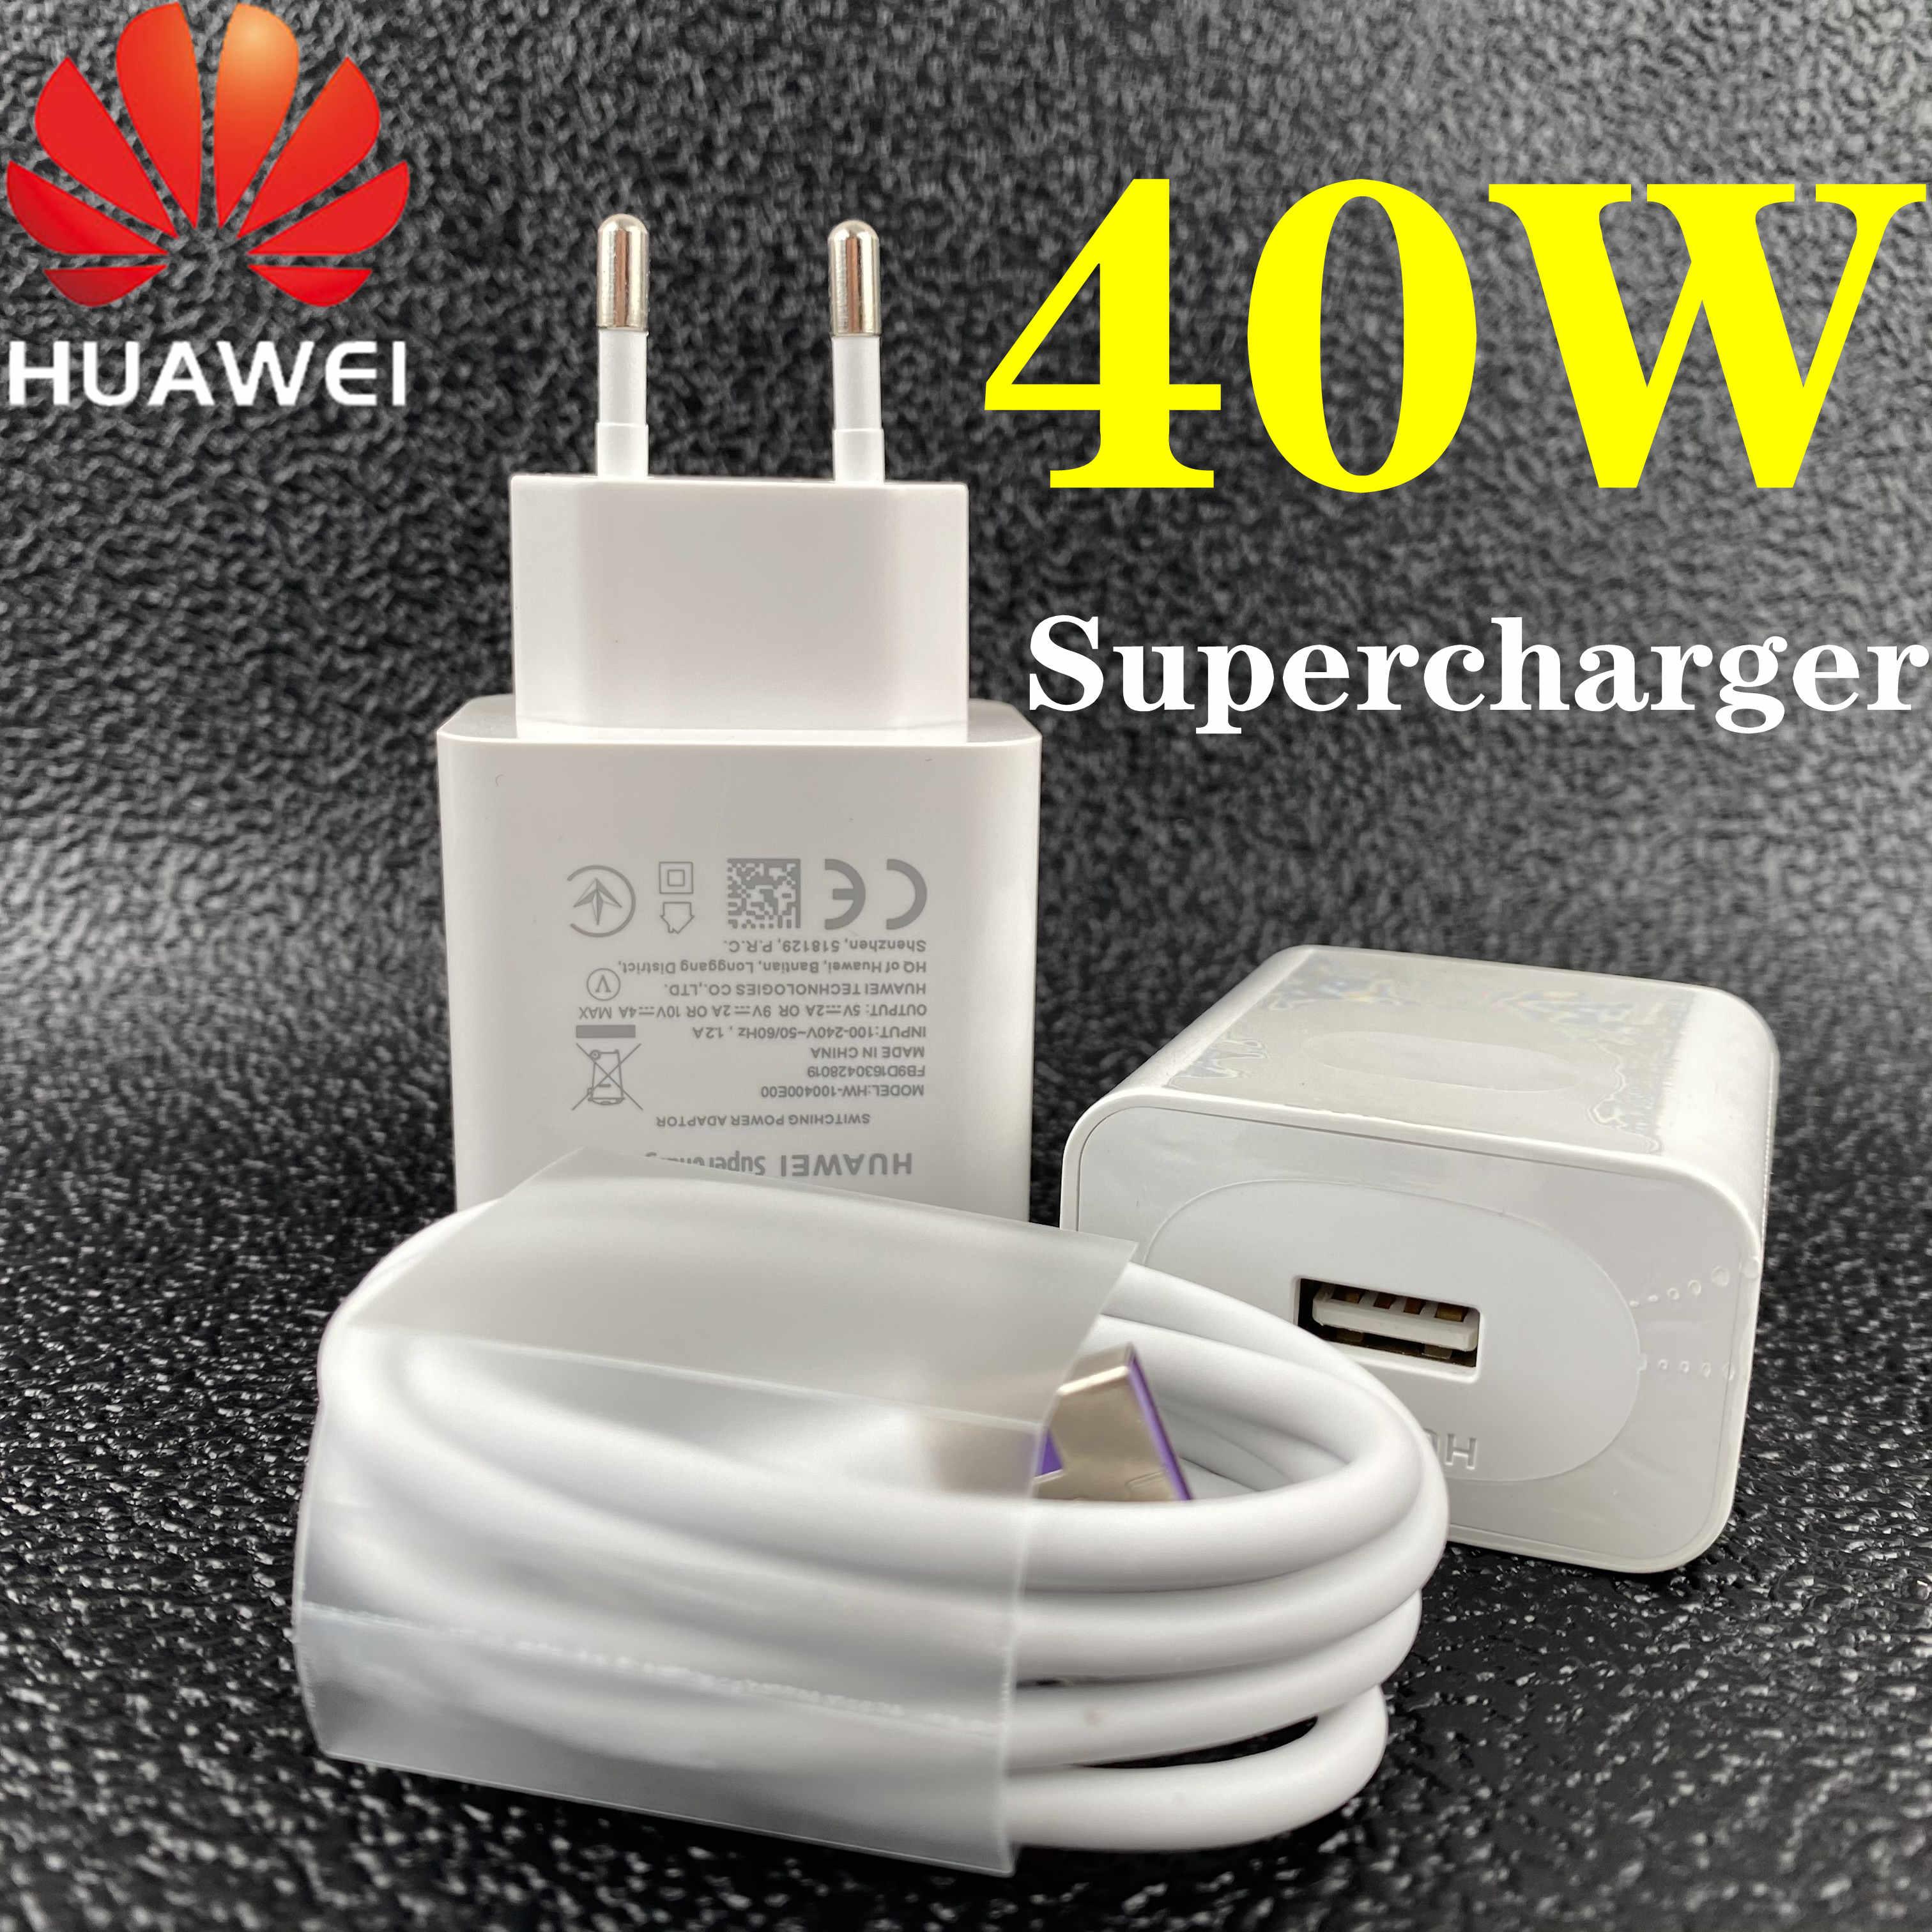 ЕС США оригинальный Huawei SuperCharge адаптер питания 40 Вт 100 см/150 см/200 см USB Тип C 5A кабель быстрое зарядное устройство для путешествий для P30 40 Pro